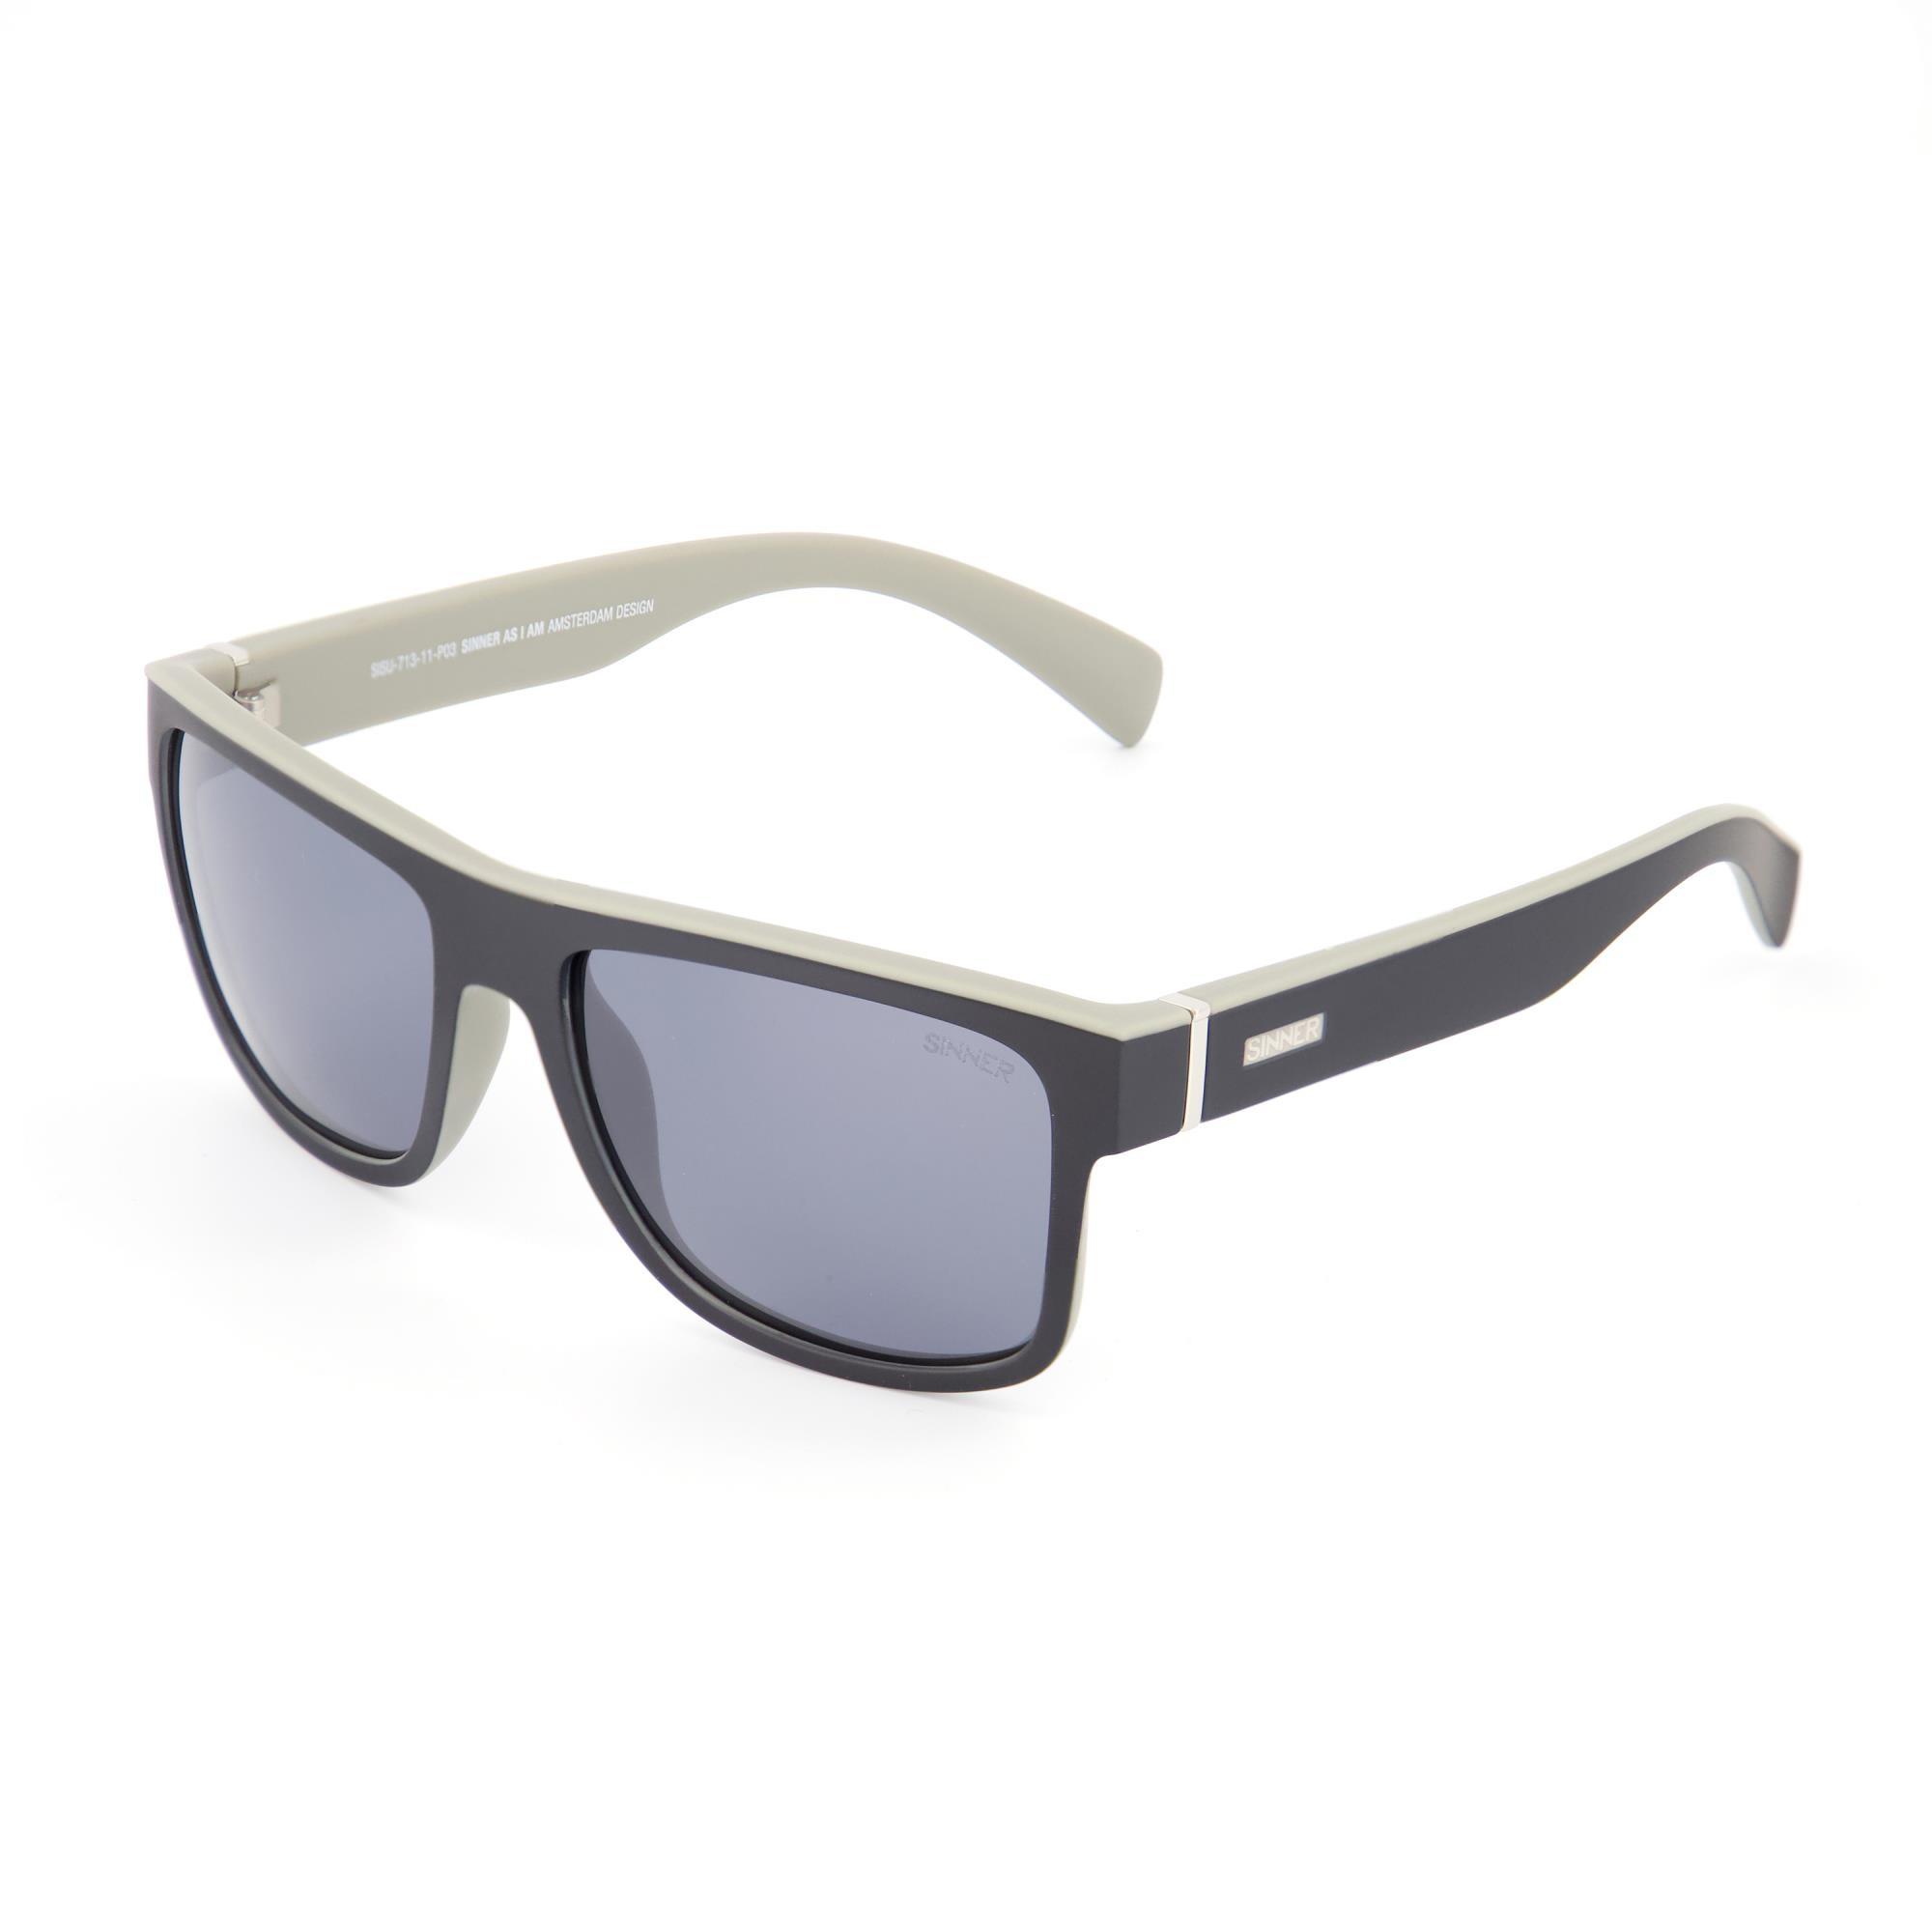 Sinner Skagen Sintec® Zonnebril - Mat Zwart/grijs Frame - Sintec® Flash Spiegellens